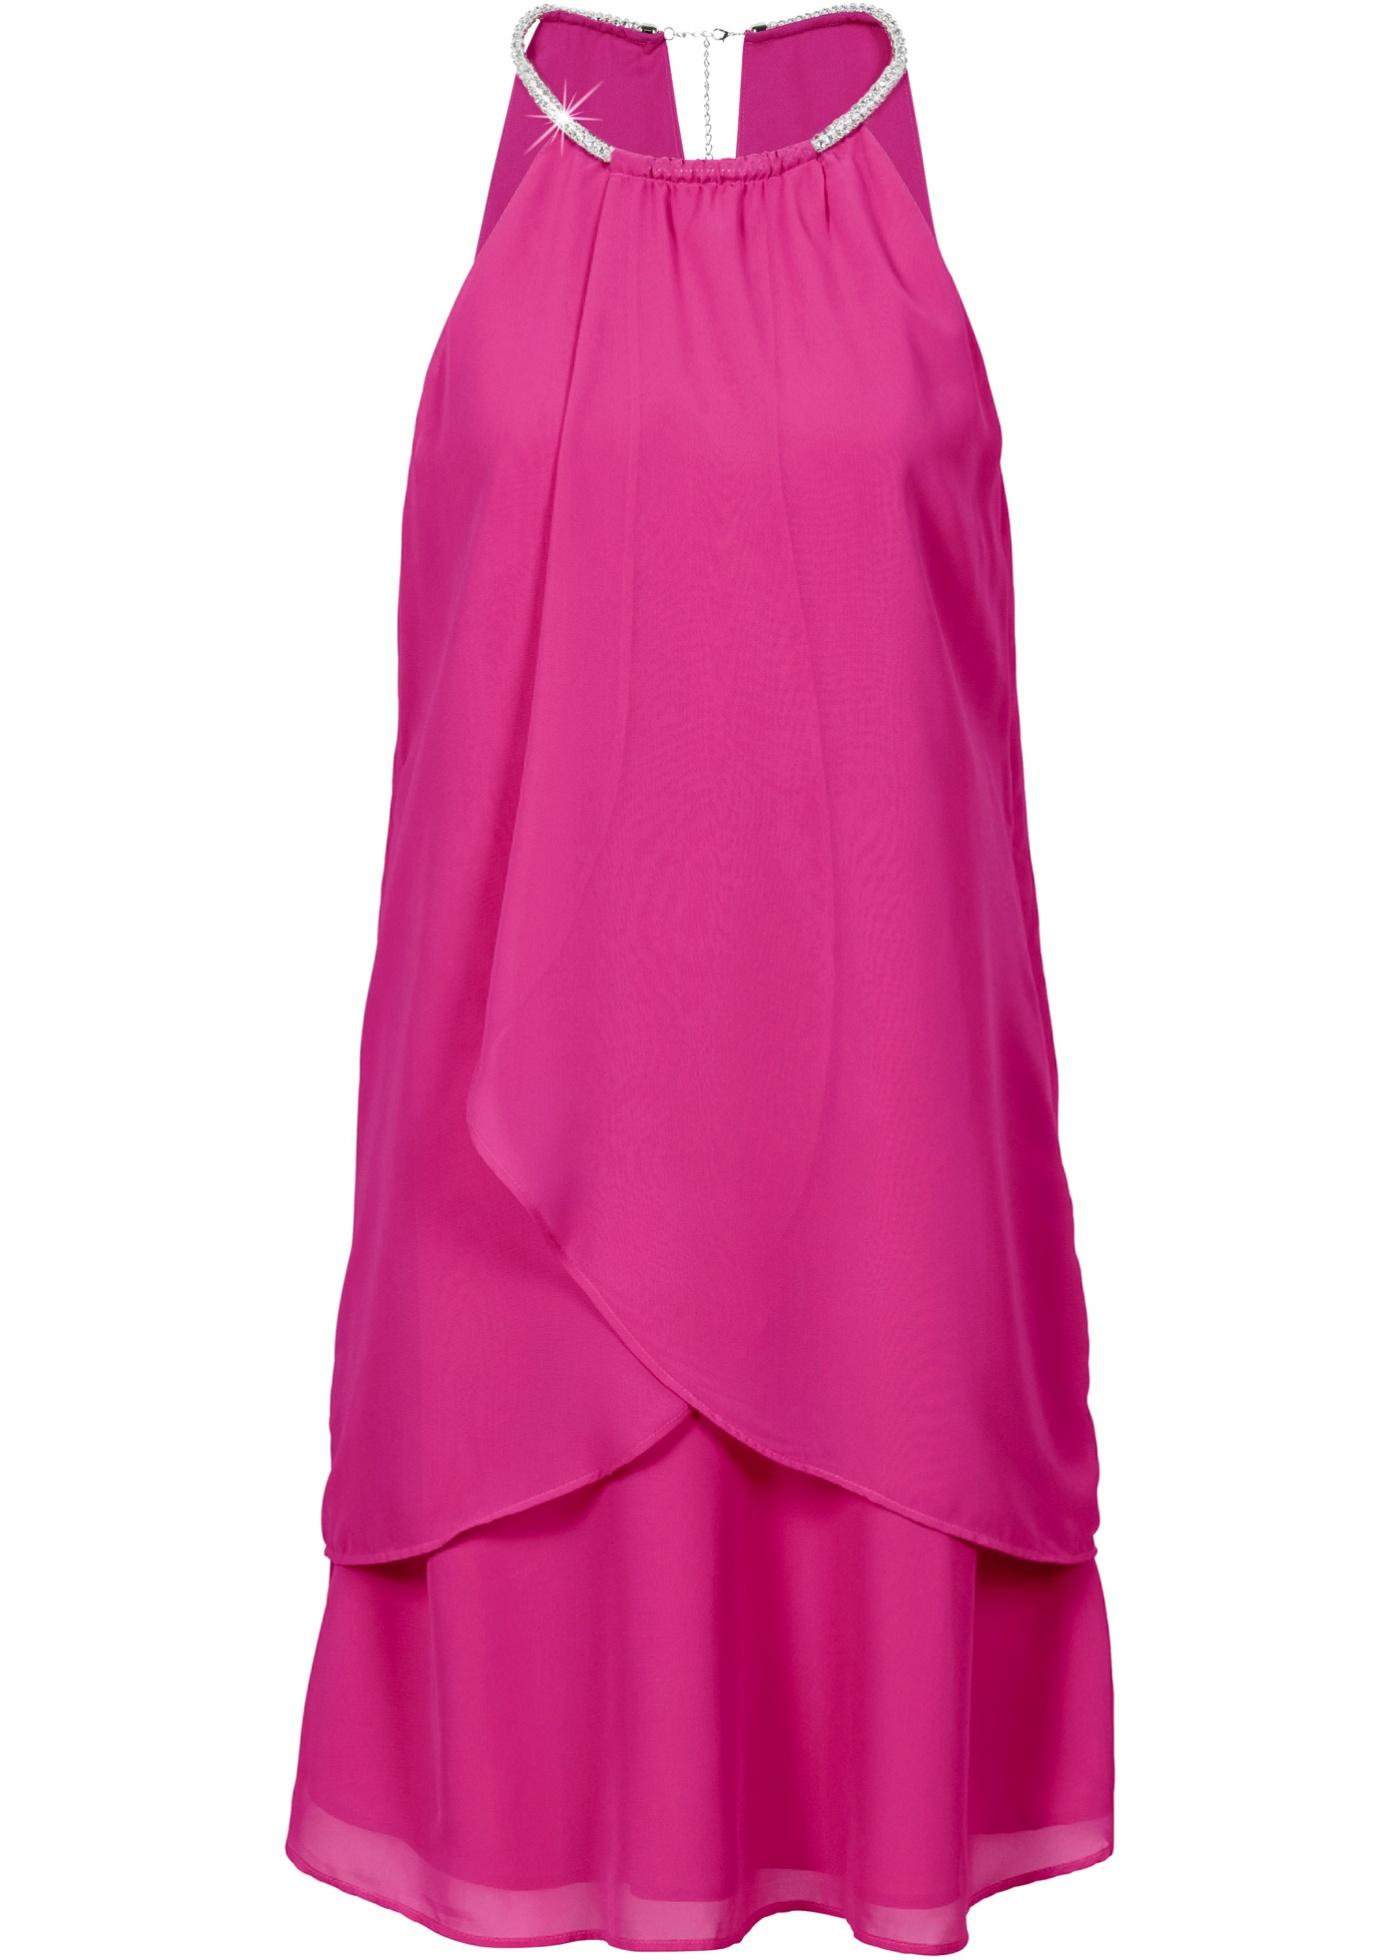 """Magnifique robe en voile de chiffon à encolure ronde rehaussée d""""une application collier. Le détail qui fait tout le charme ! Les petites fronces au décolleté et l""""effet superposé sur le devant mettent en valeur la silhouette et finalisent le lo"""